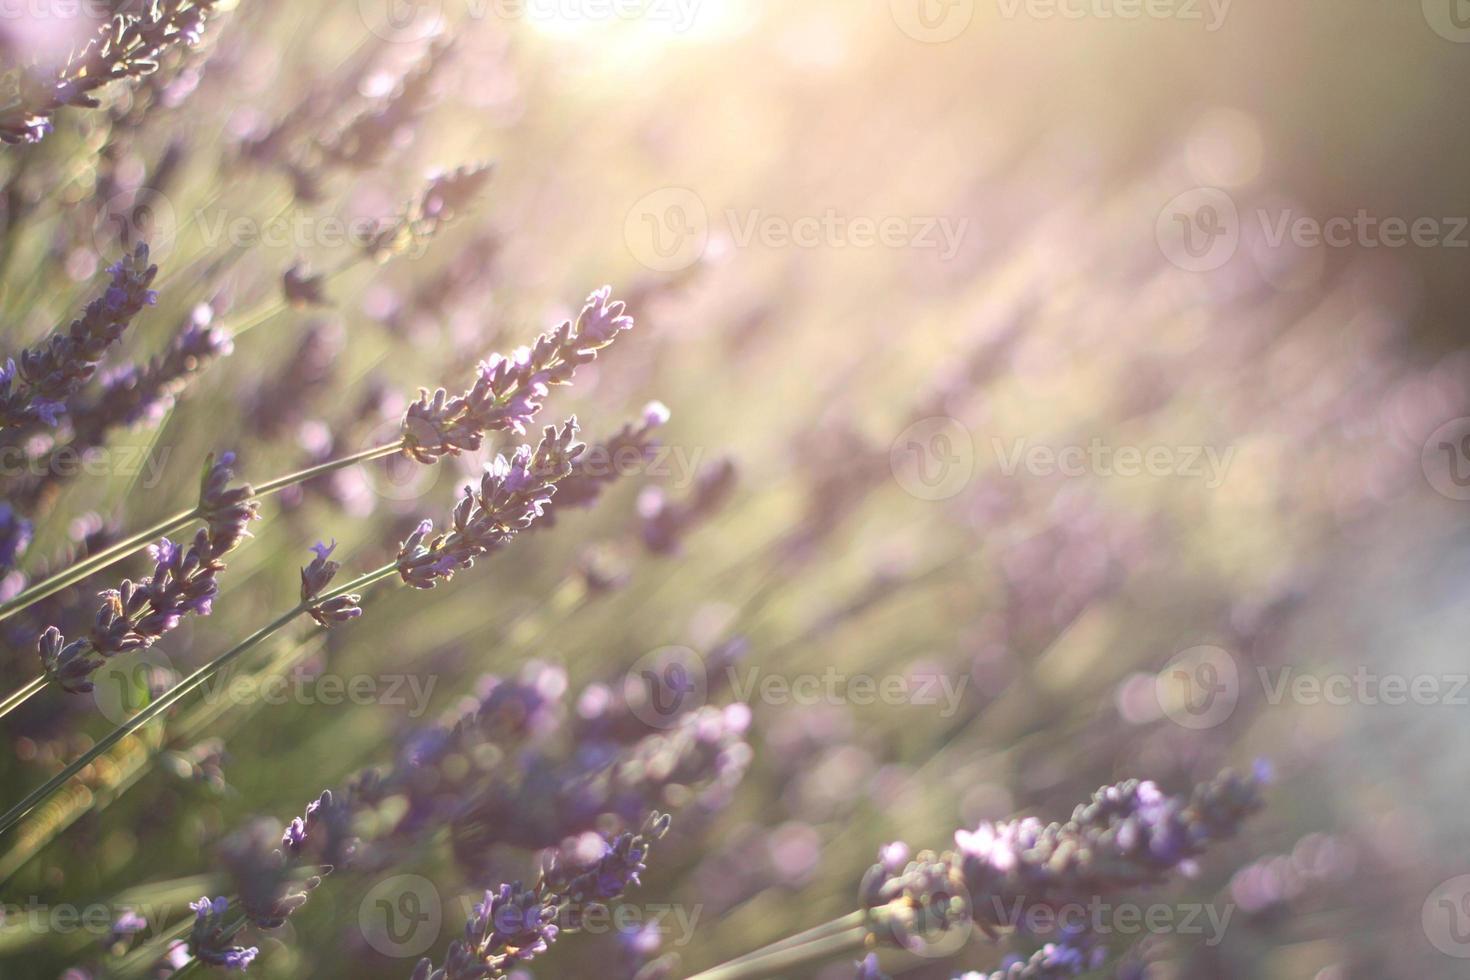 lavendelbloemen tijdens zonsondergang in de provence foto